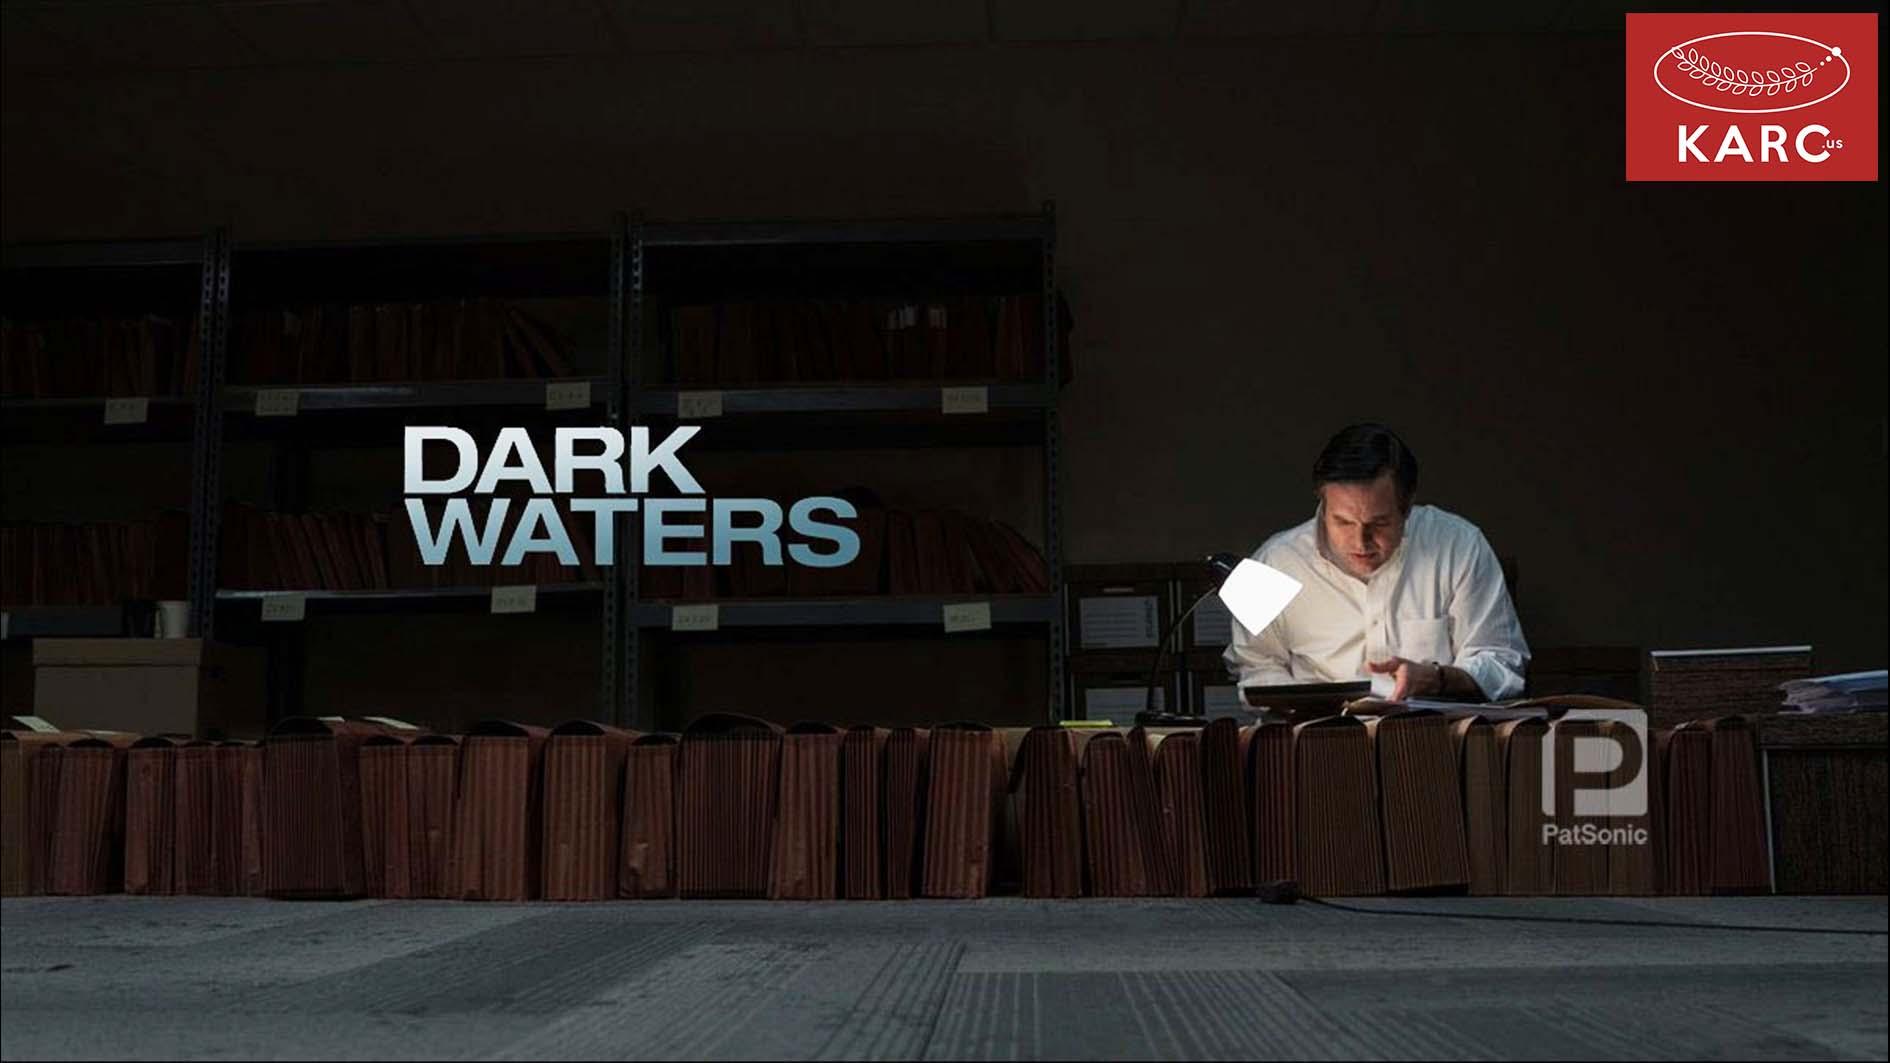 รีวิวภาพยนตร์ - Dark Waters ห้วงน้ำซ่อนปมลับ! - Karc.us